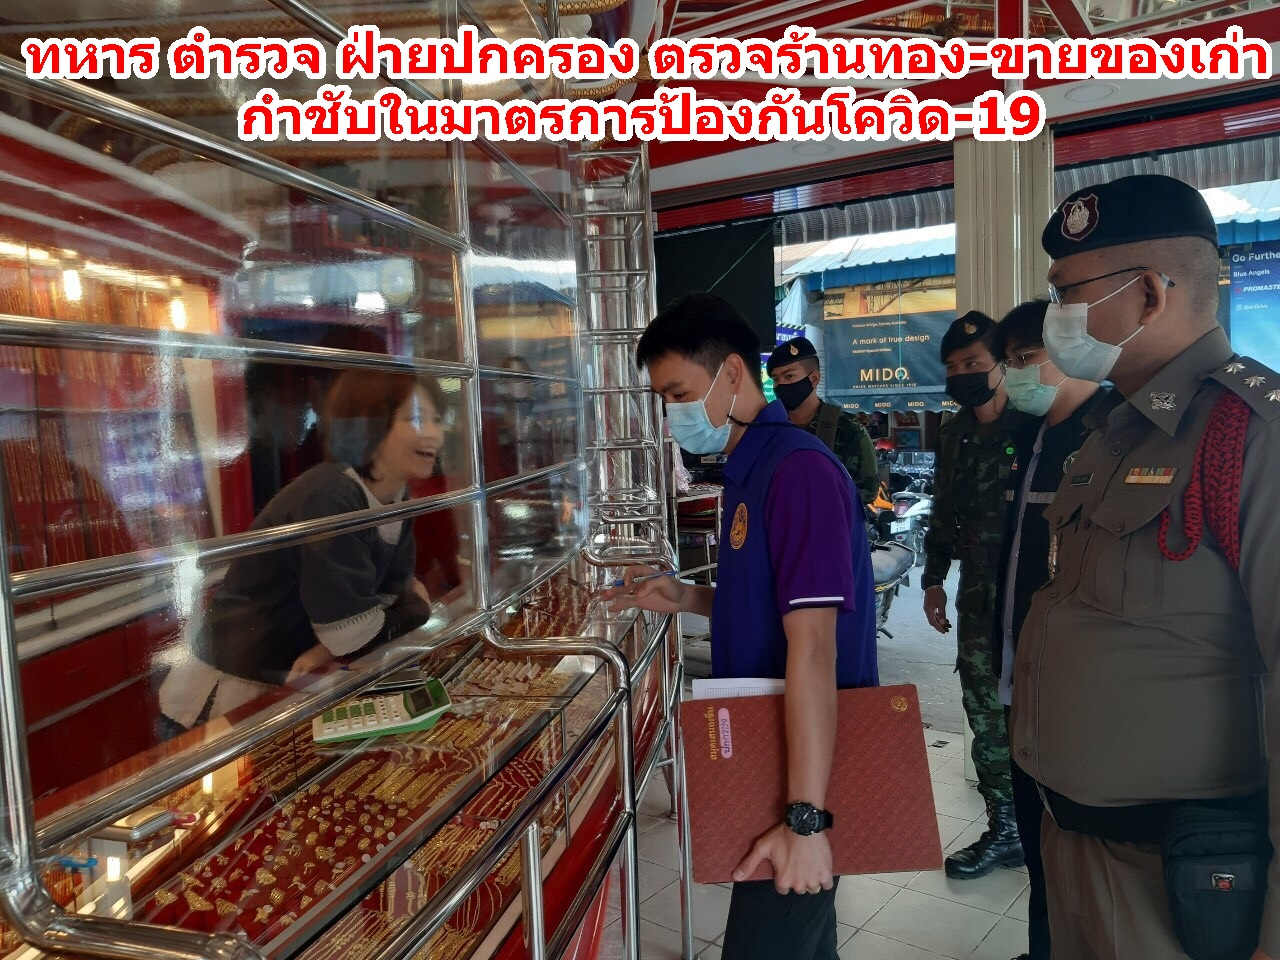 ทหาร ตำรวจ ฝ่ายปกครองแม่สาย ตรวจร้านทอง-ขายของเก่า กำชับในมาตรการป้องกันโควิด-19